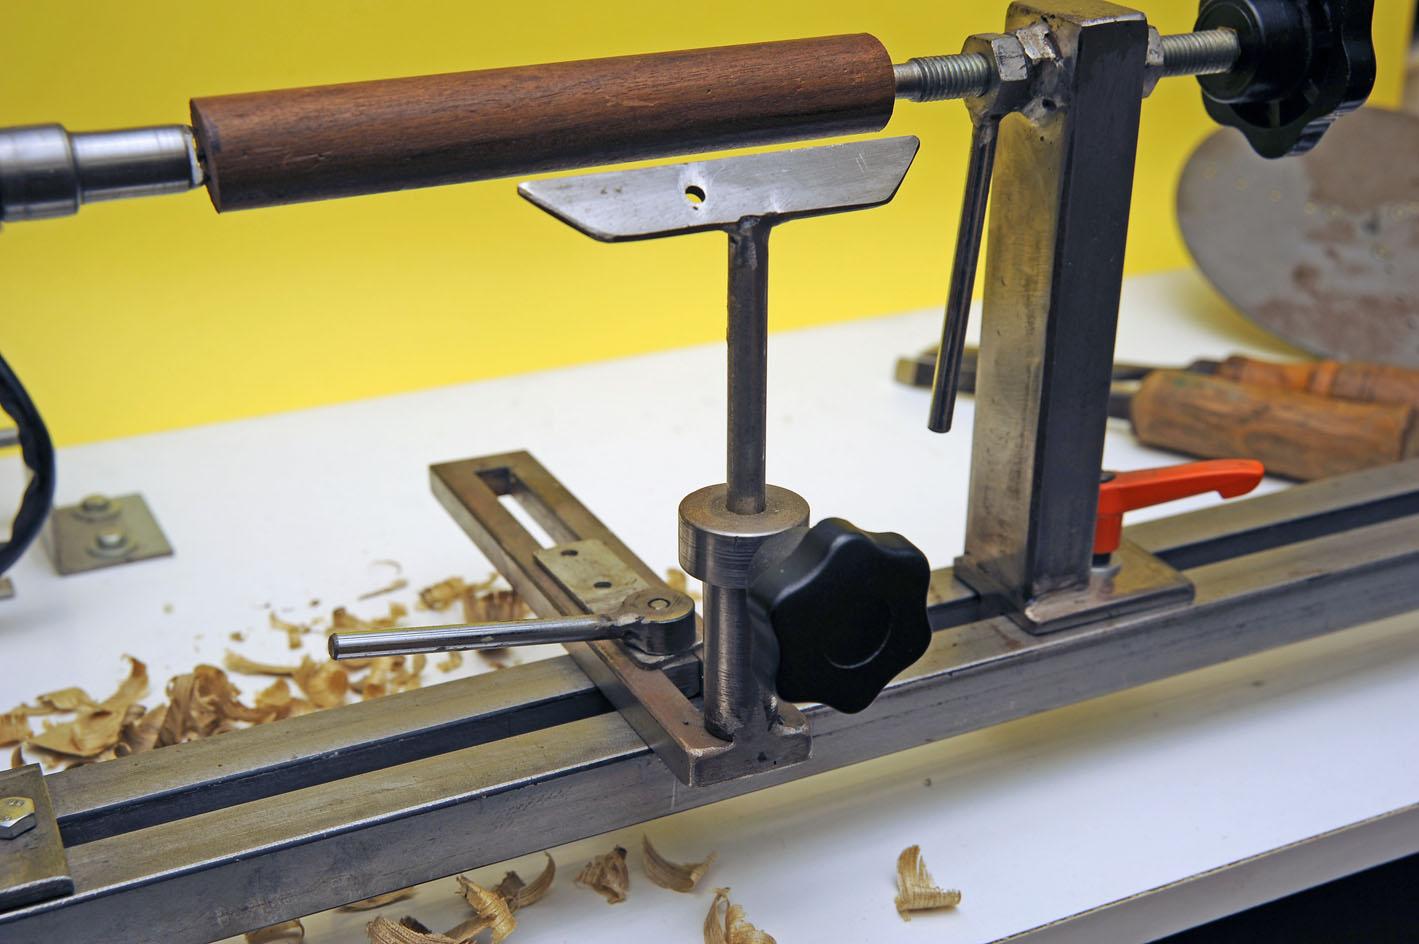 Tornietto per legno for Costruire un tornio per legno